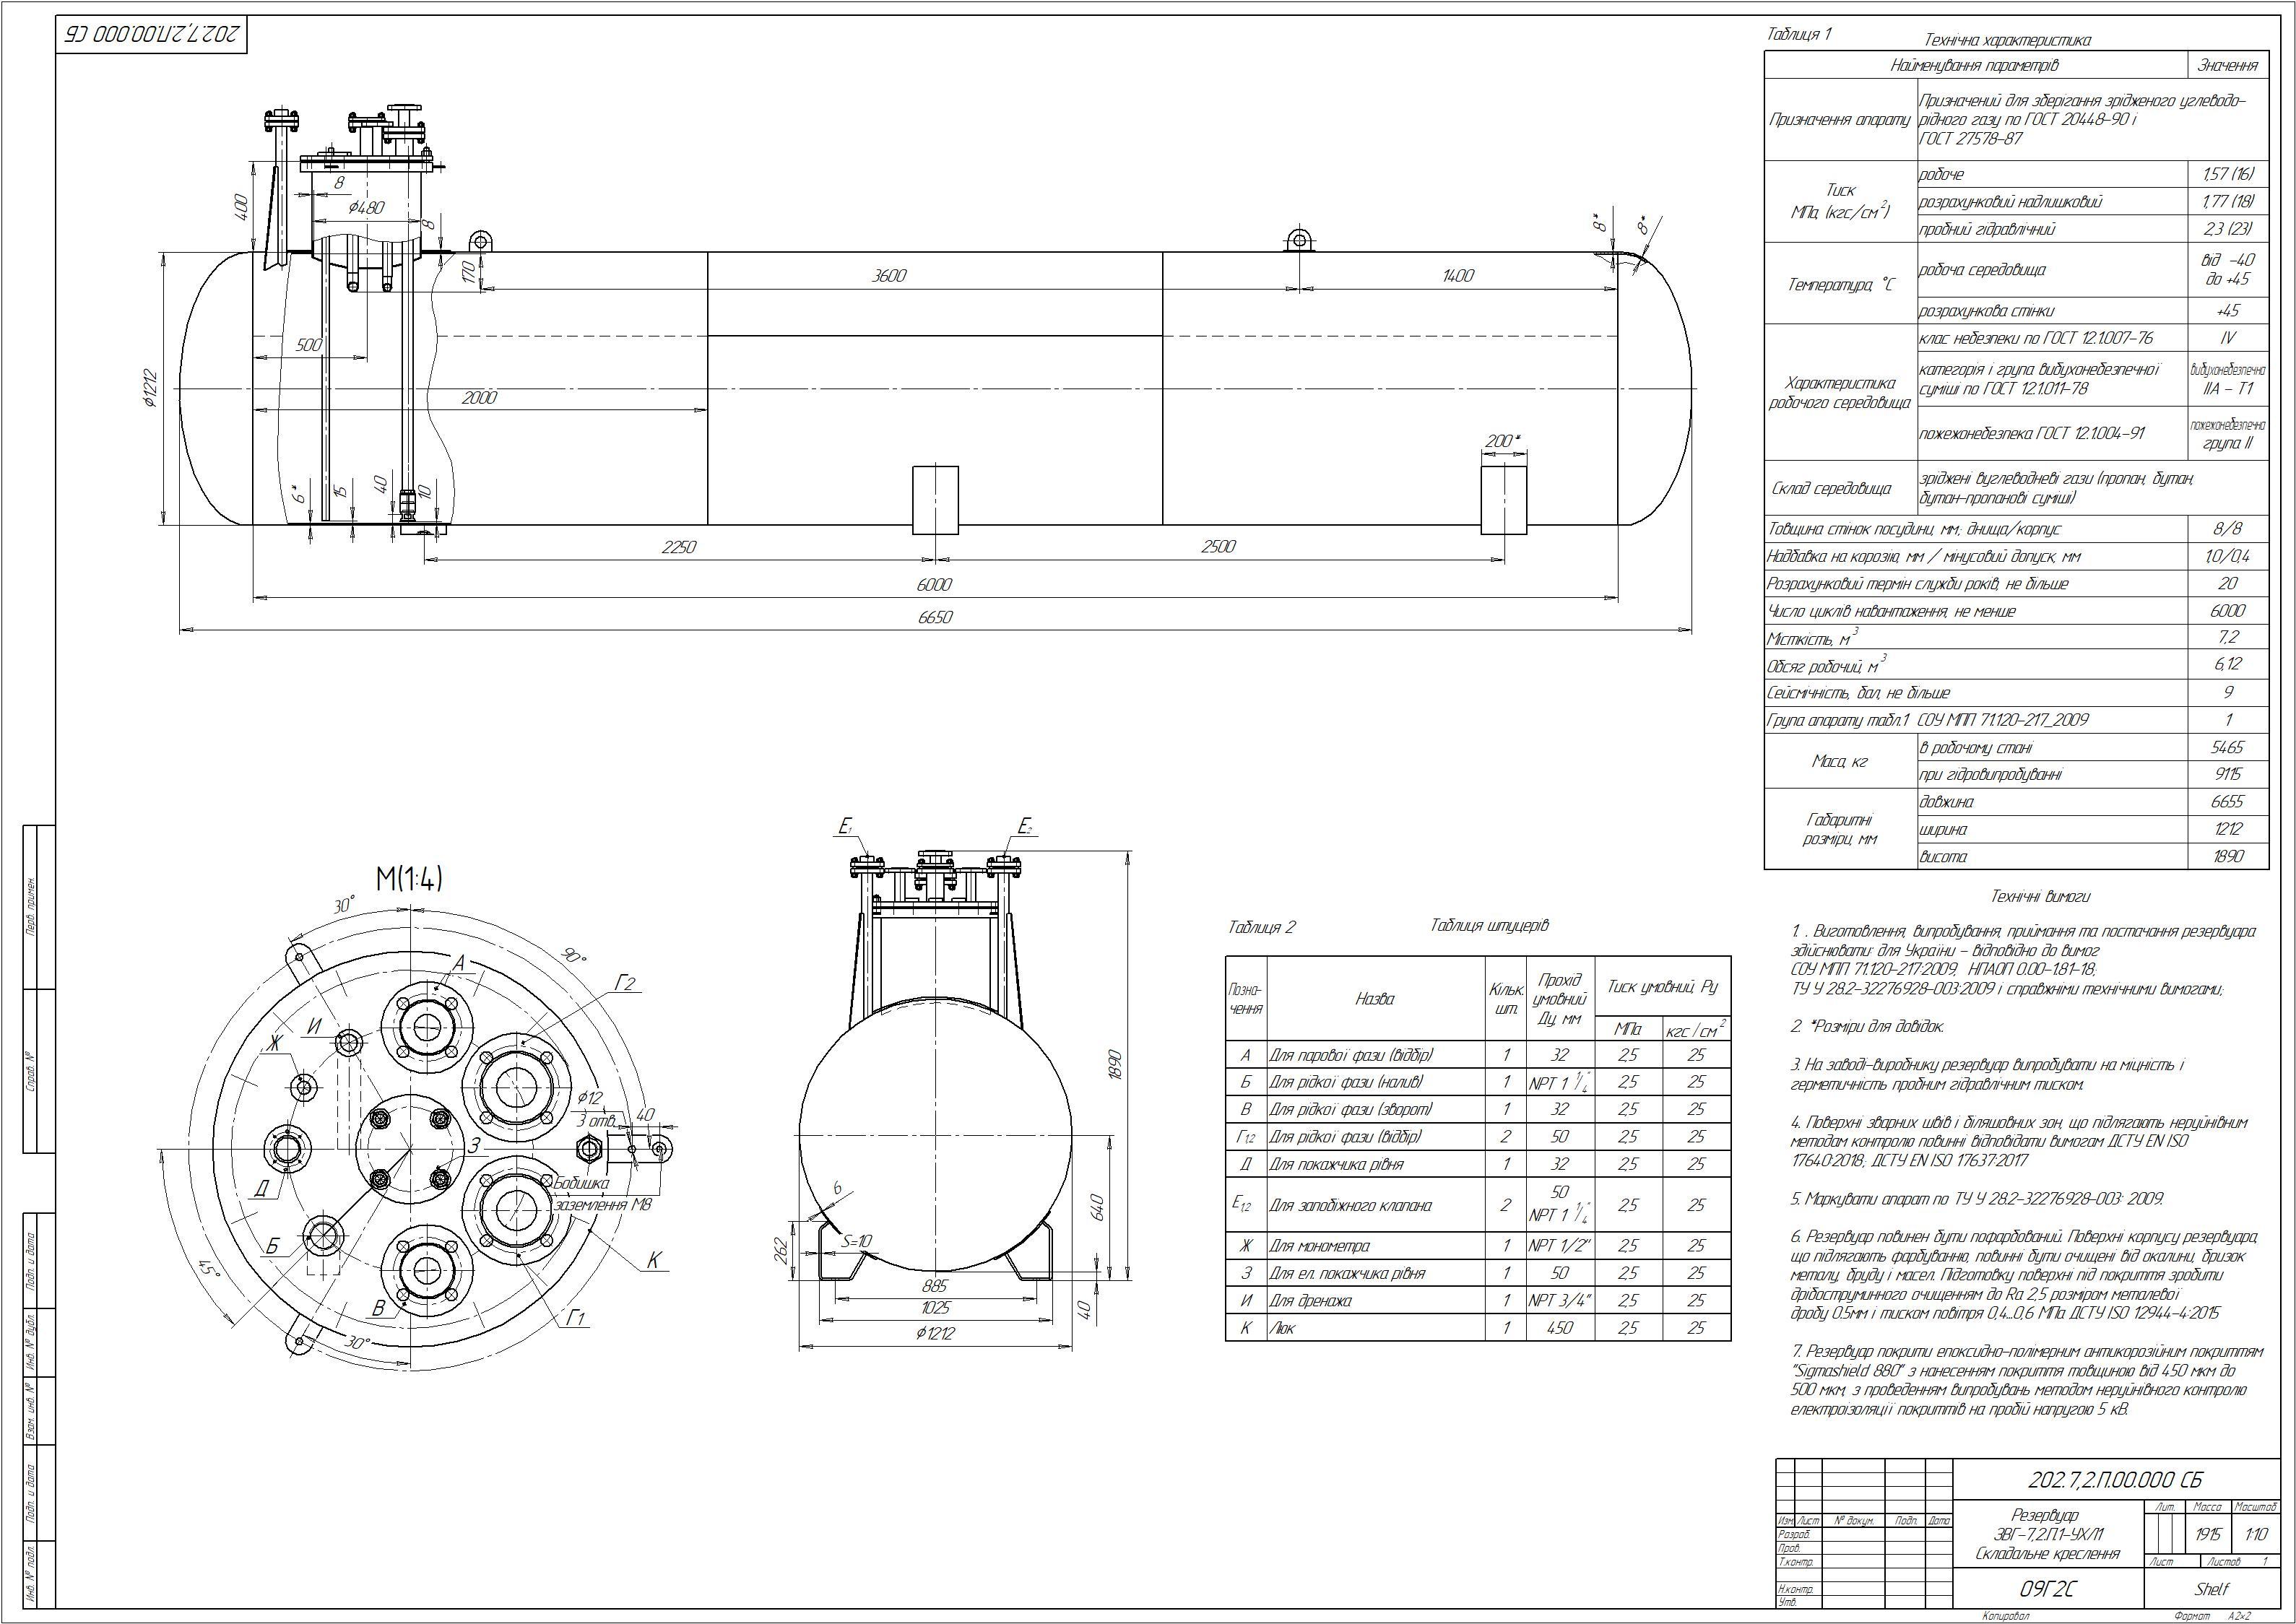 Схема резервуару підземного №3